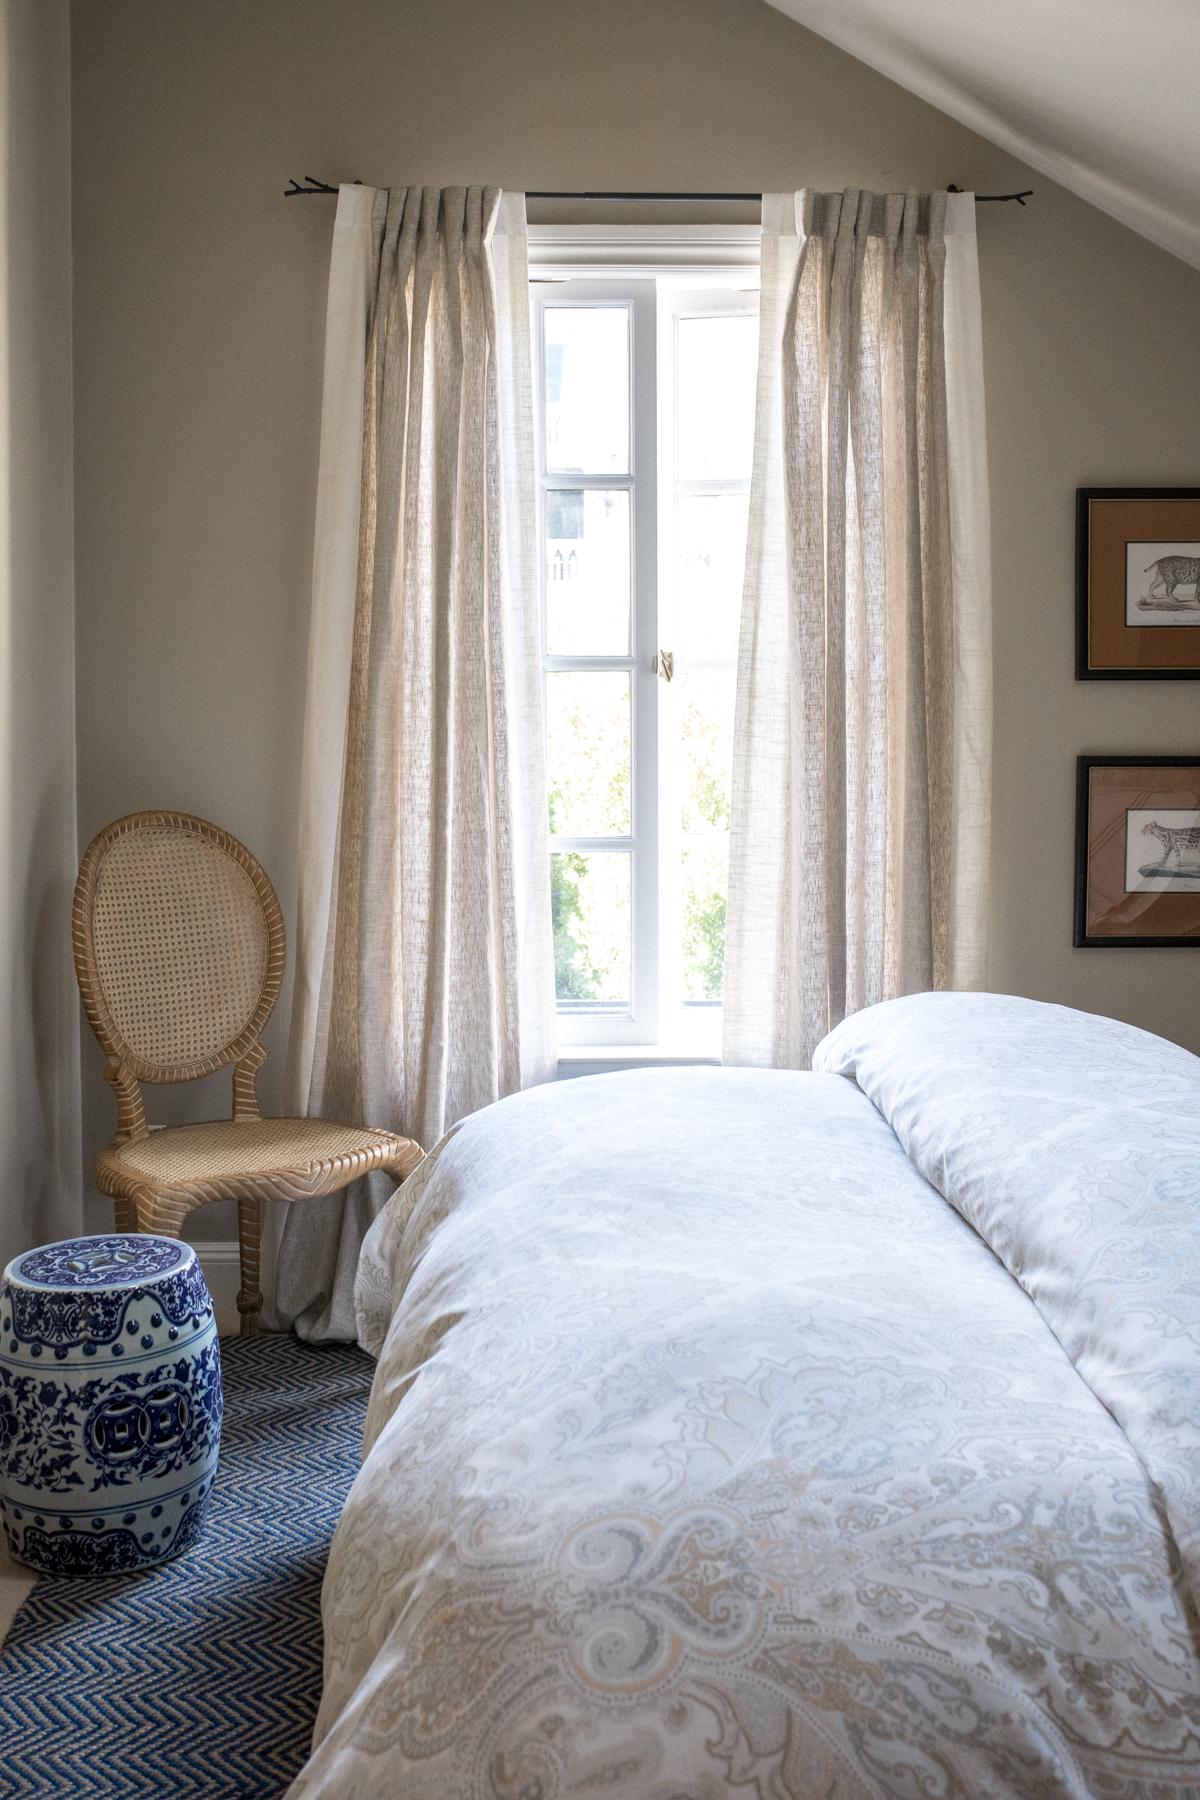 Stacie Flinner x Annie Selke Guest Room-19.jpg